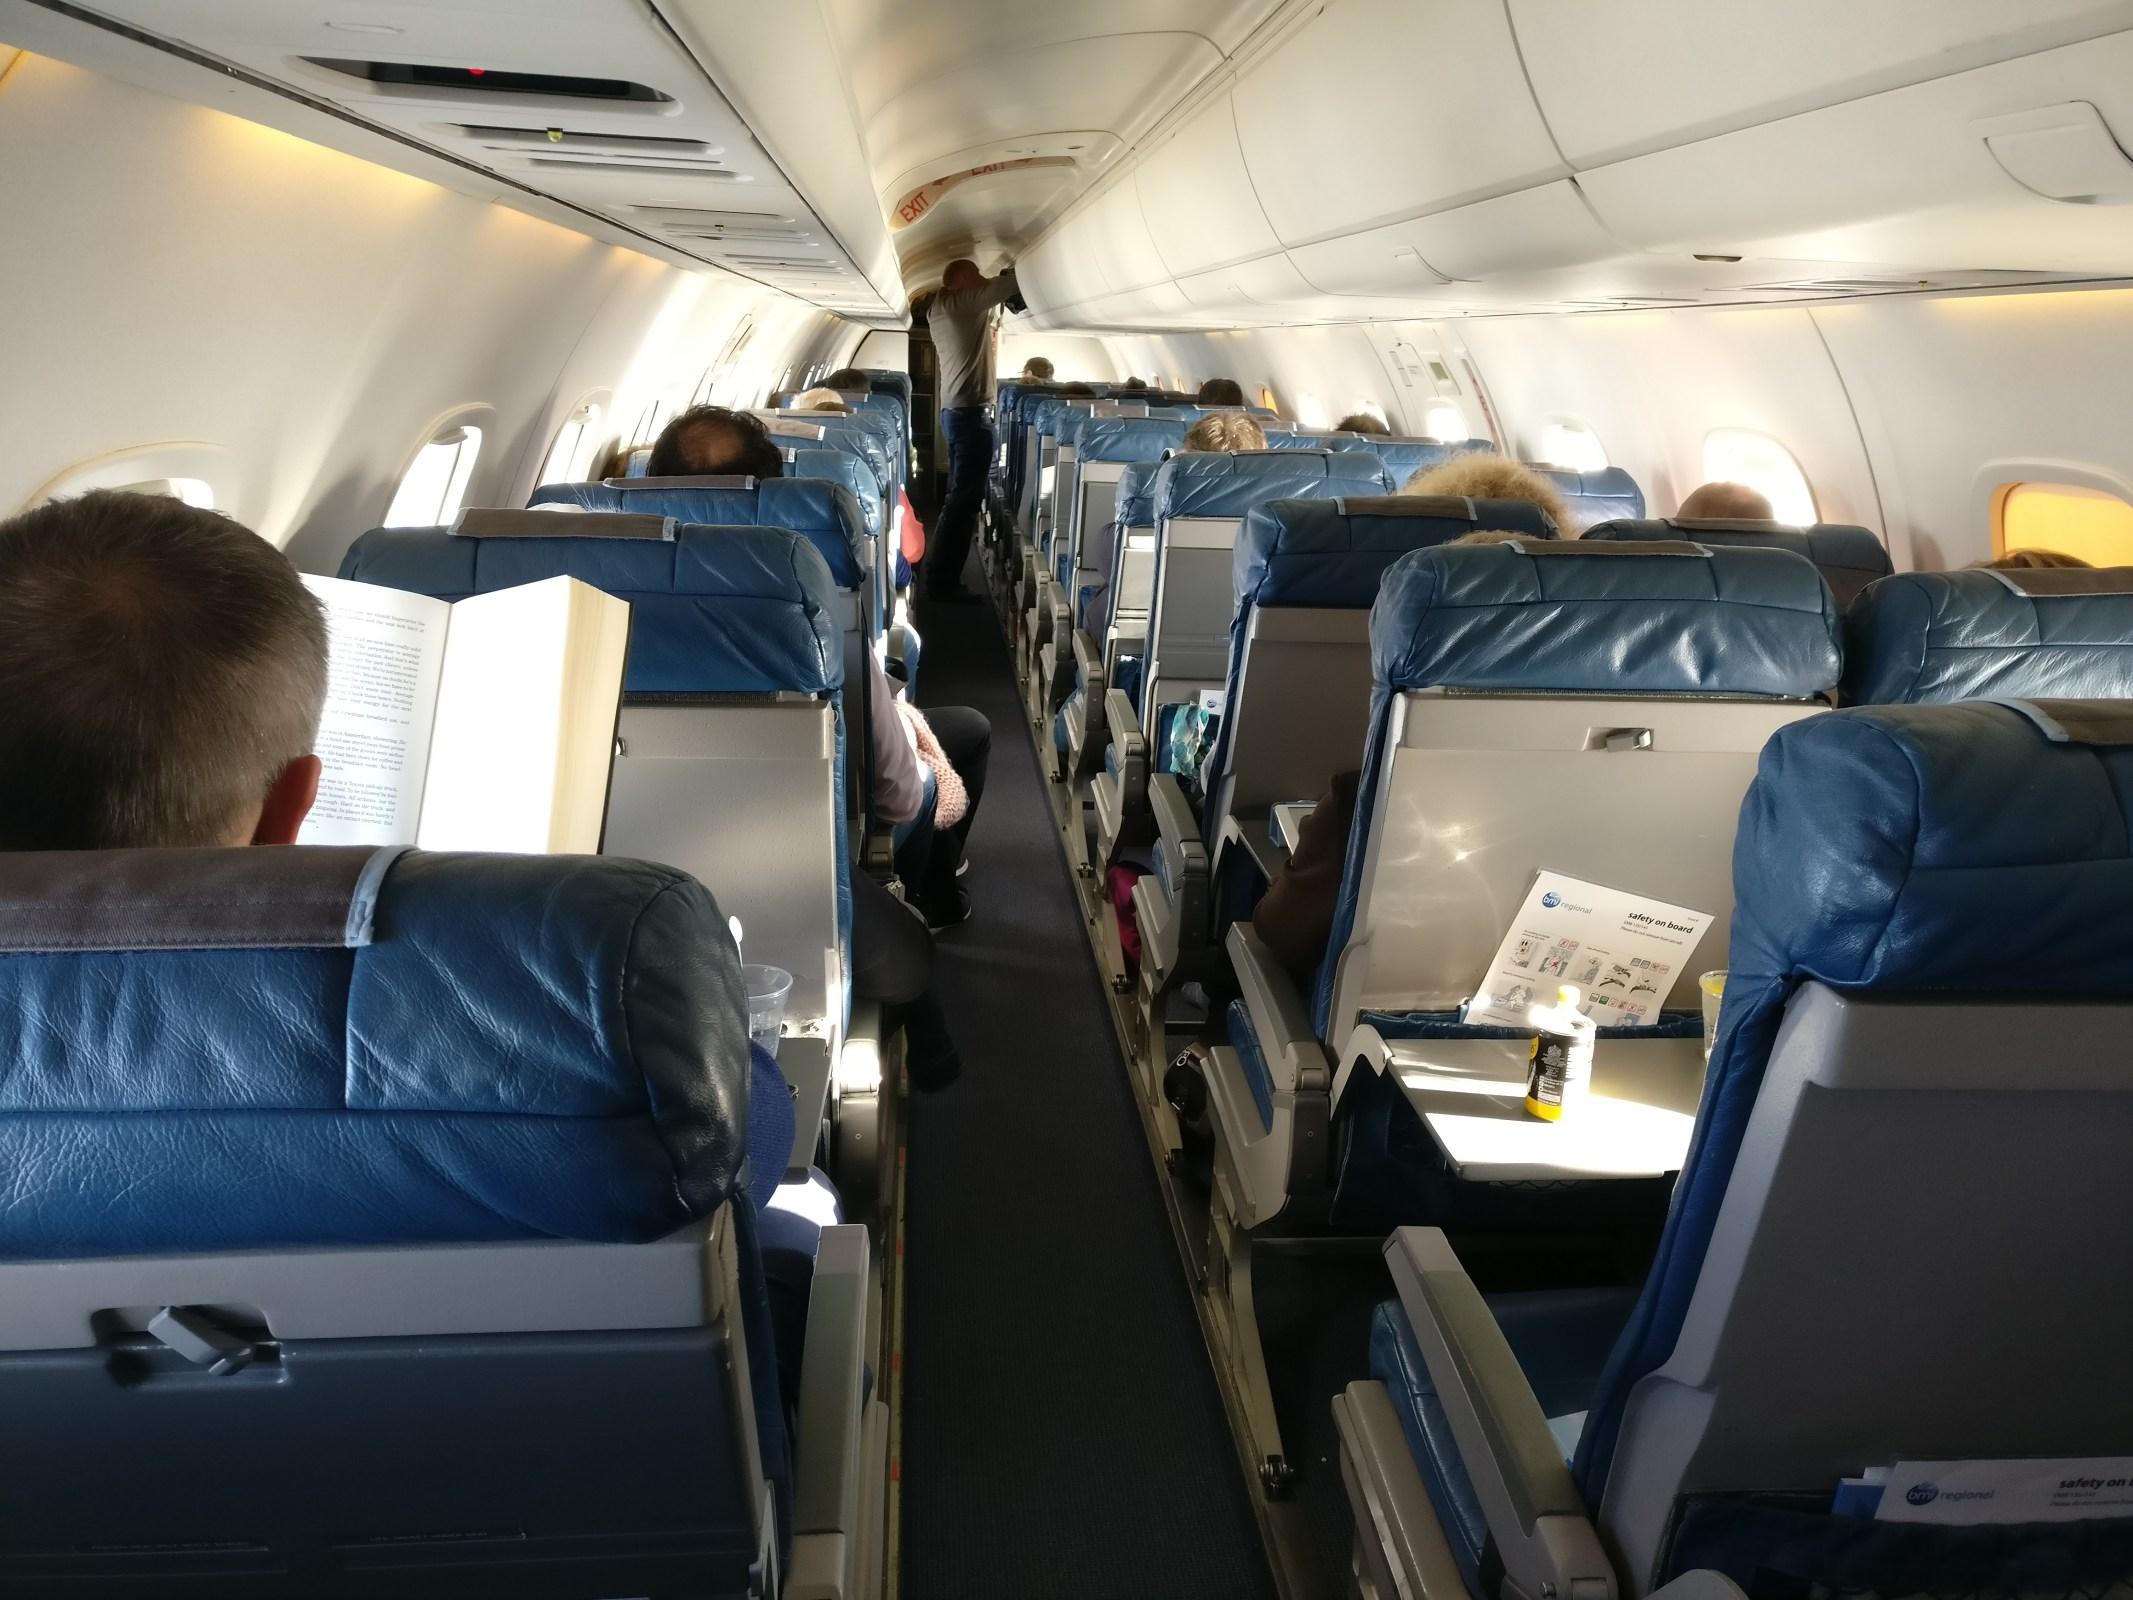 bmi regional Embraer 145 Cabin